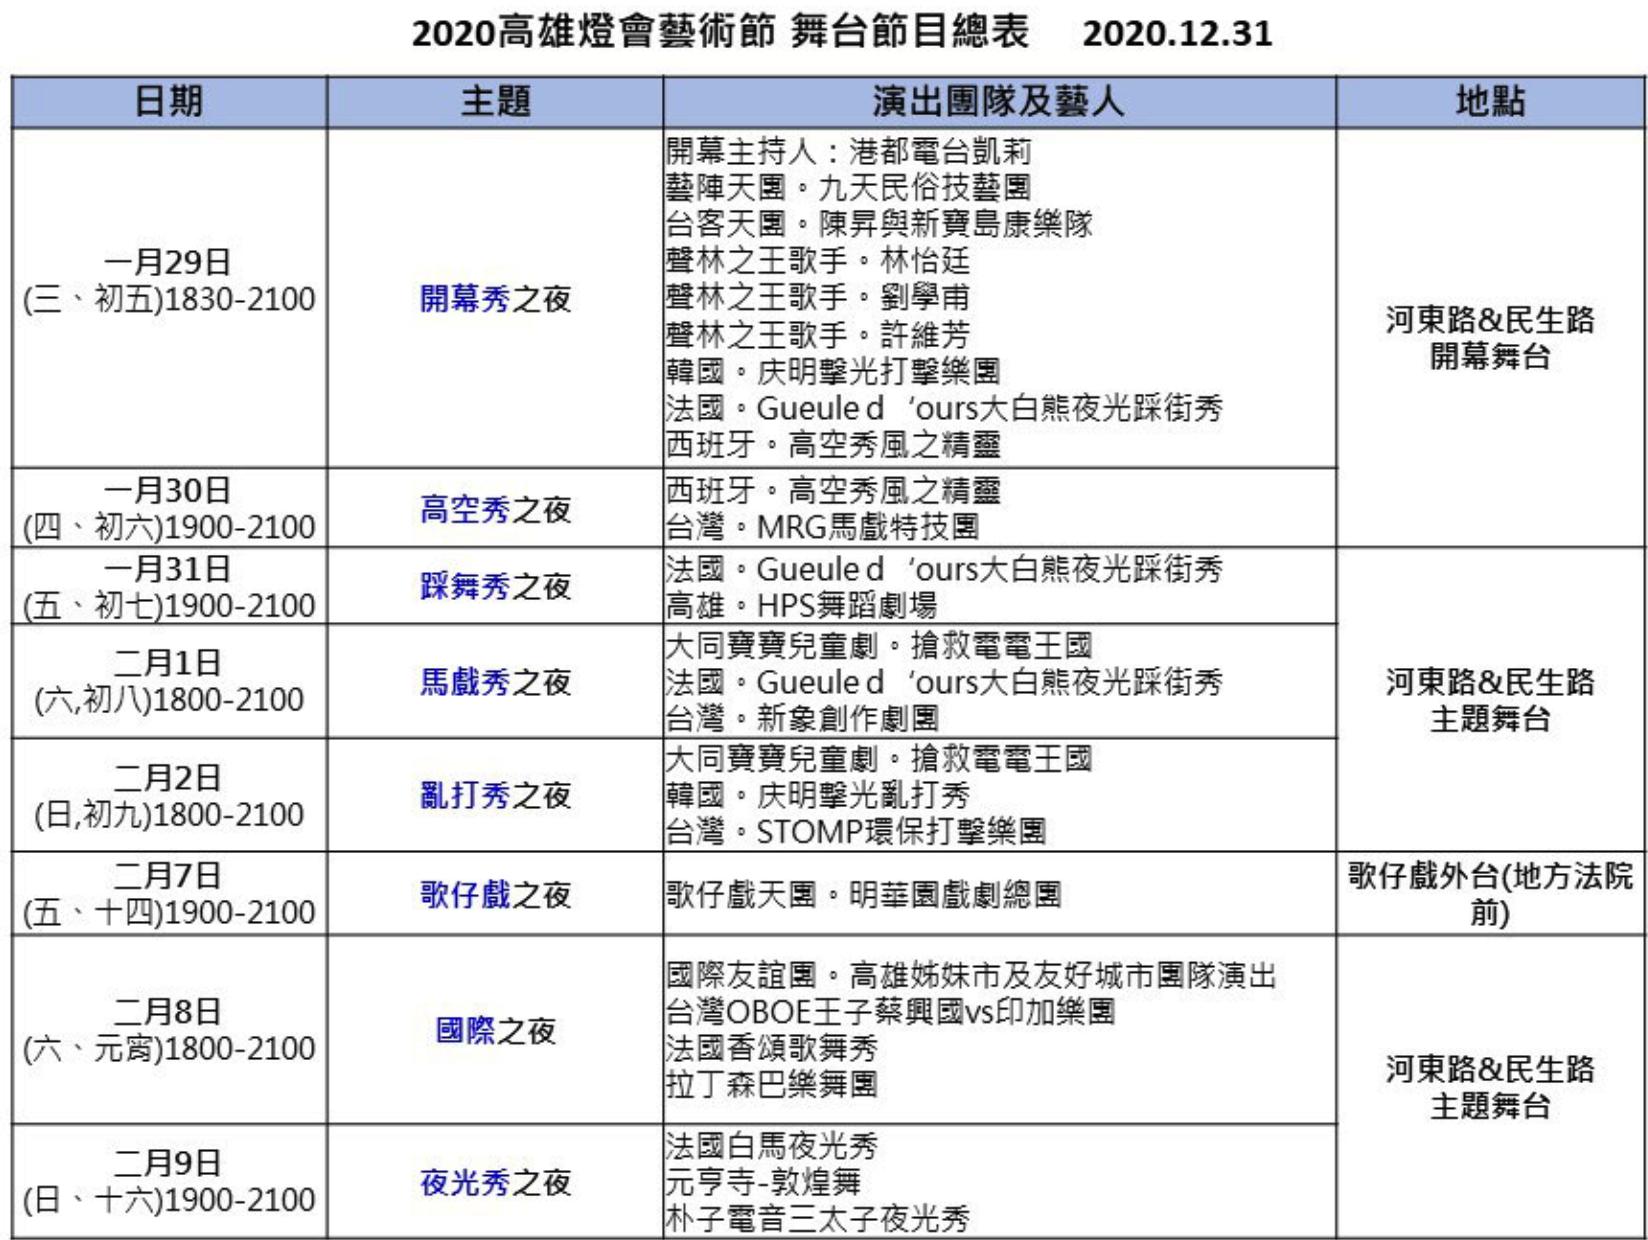 2020高雄燈會藝術節節目表